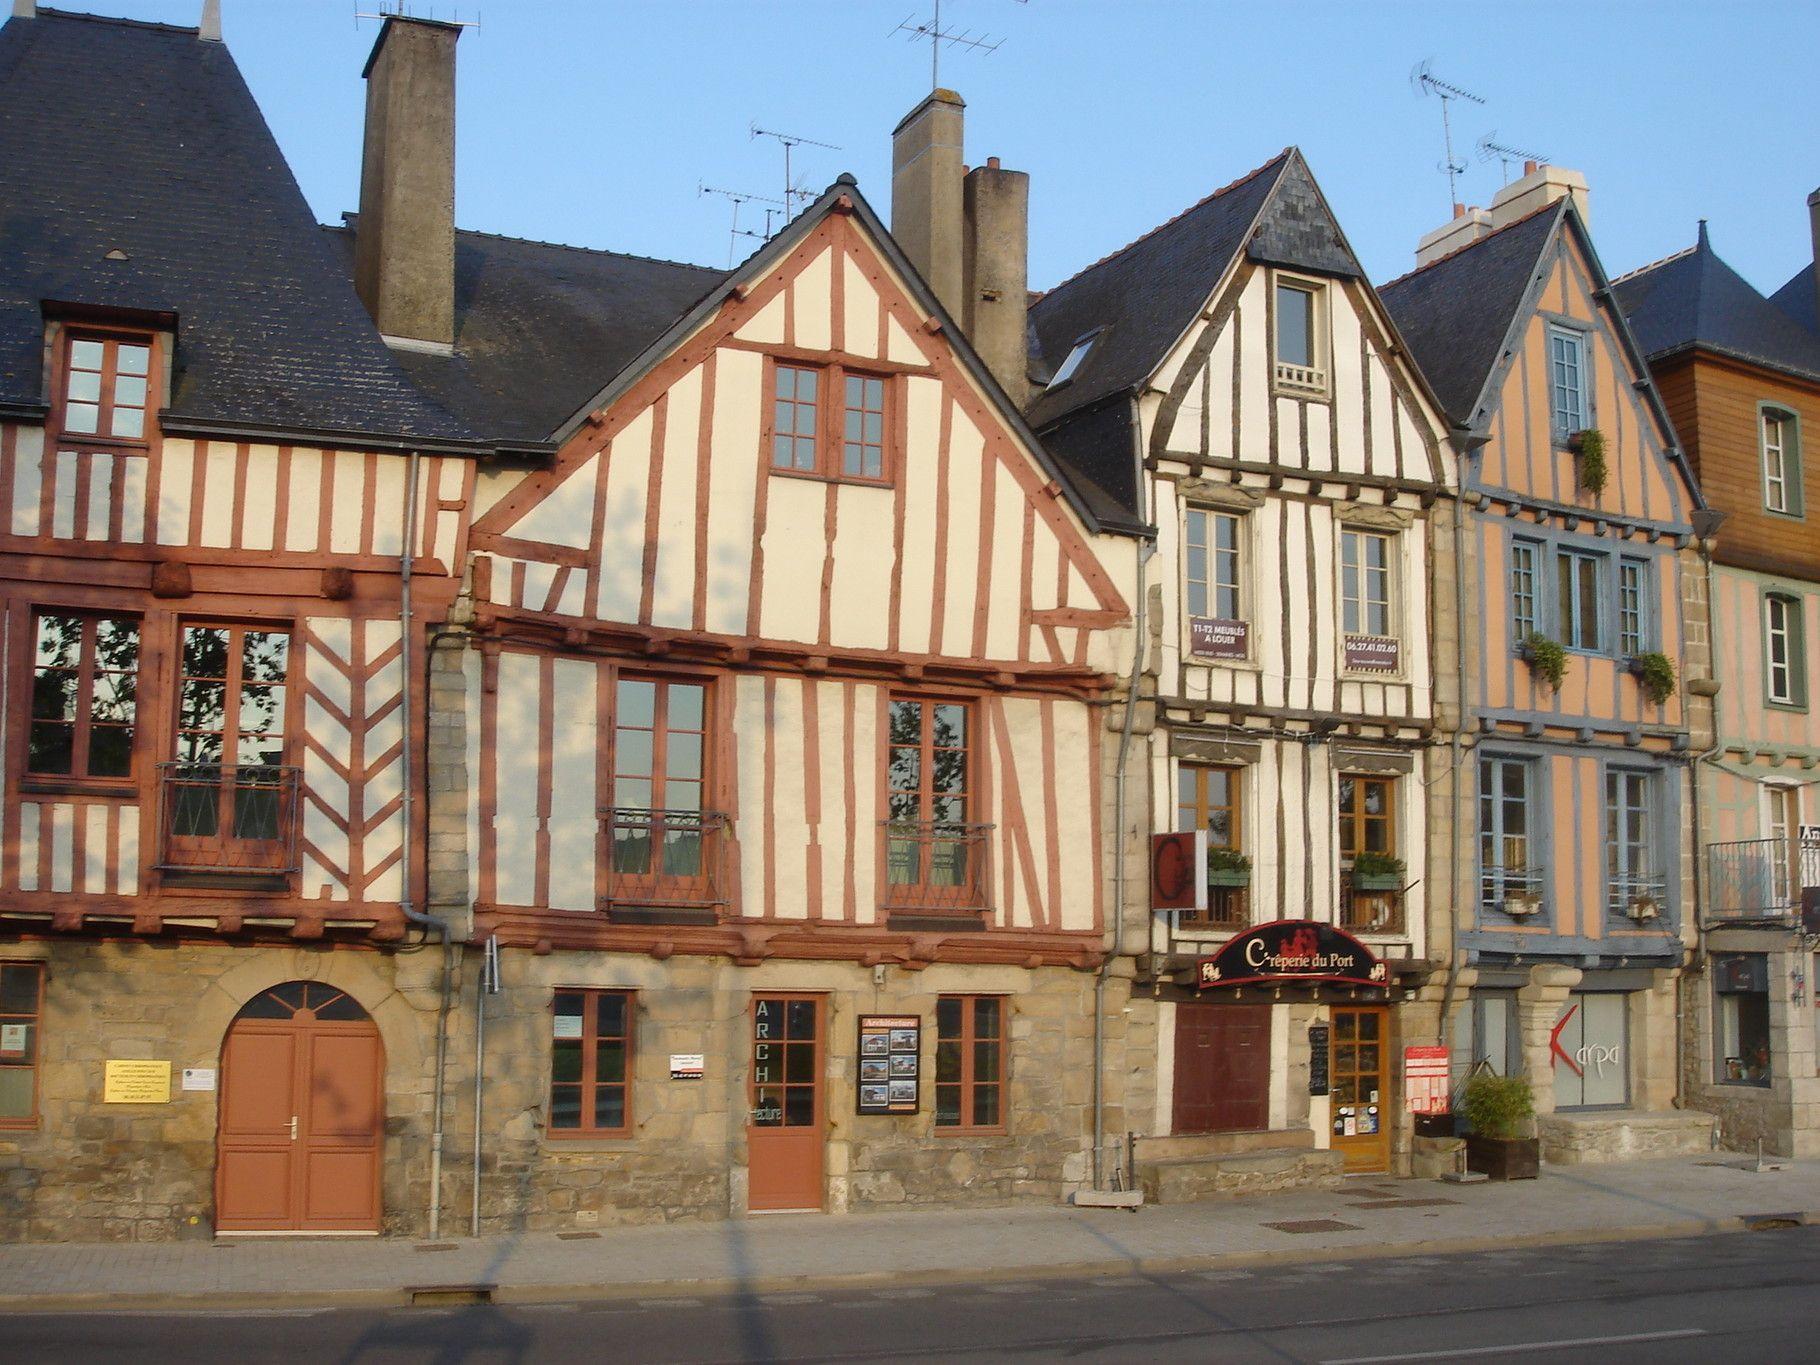 Épinglé Par Big Sister Sur Medieval City | Colombage, Vannes ... encequiconcerne Abri De Jardin Vannes